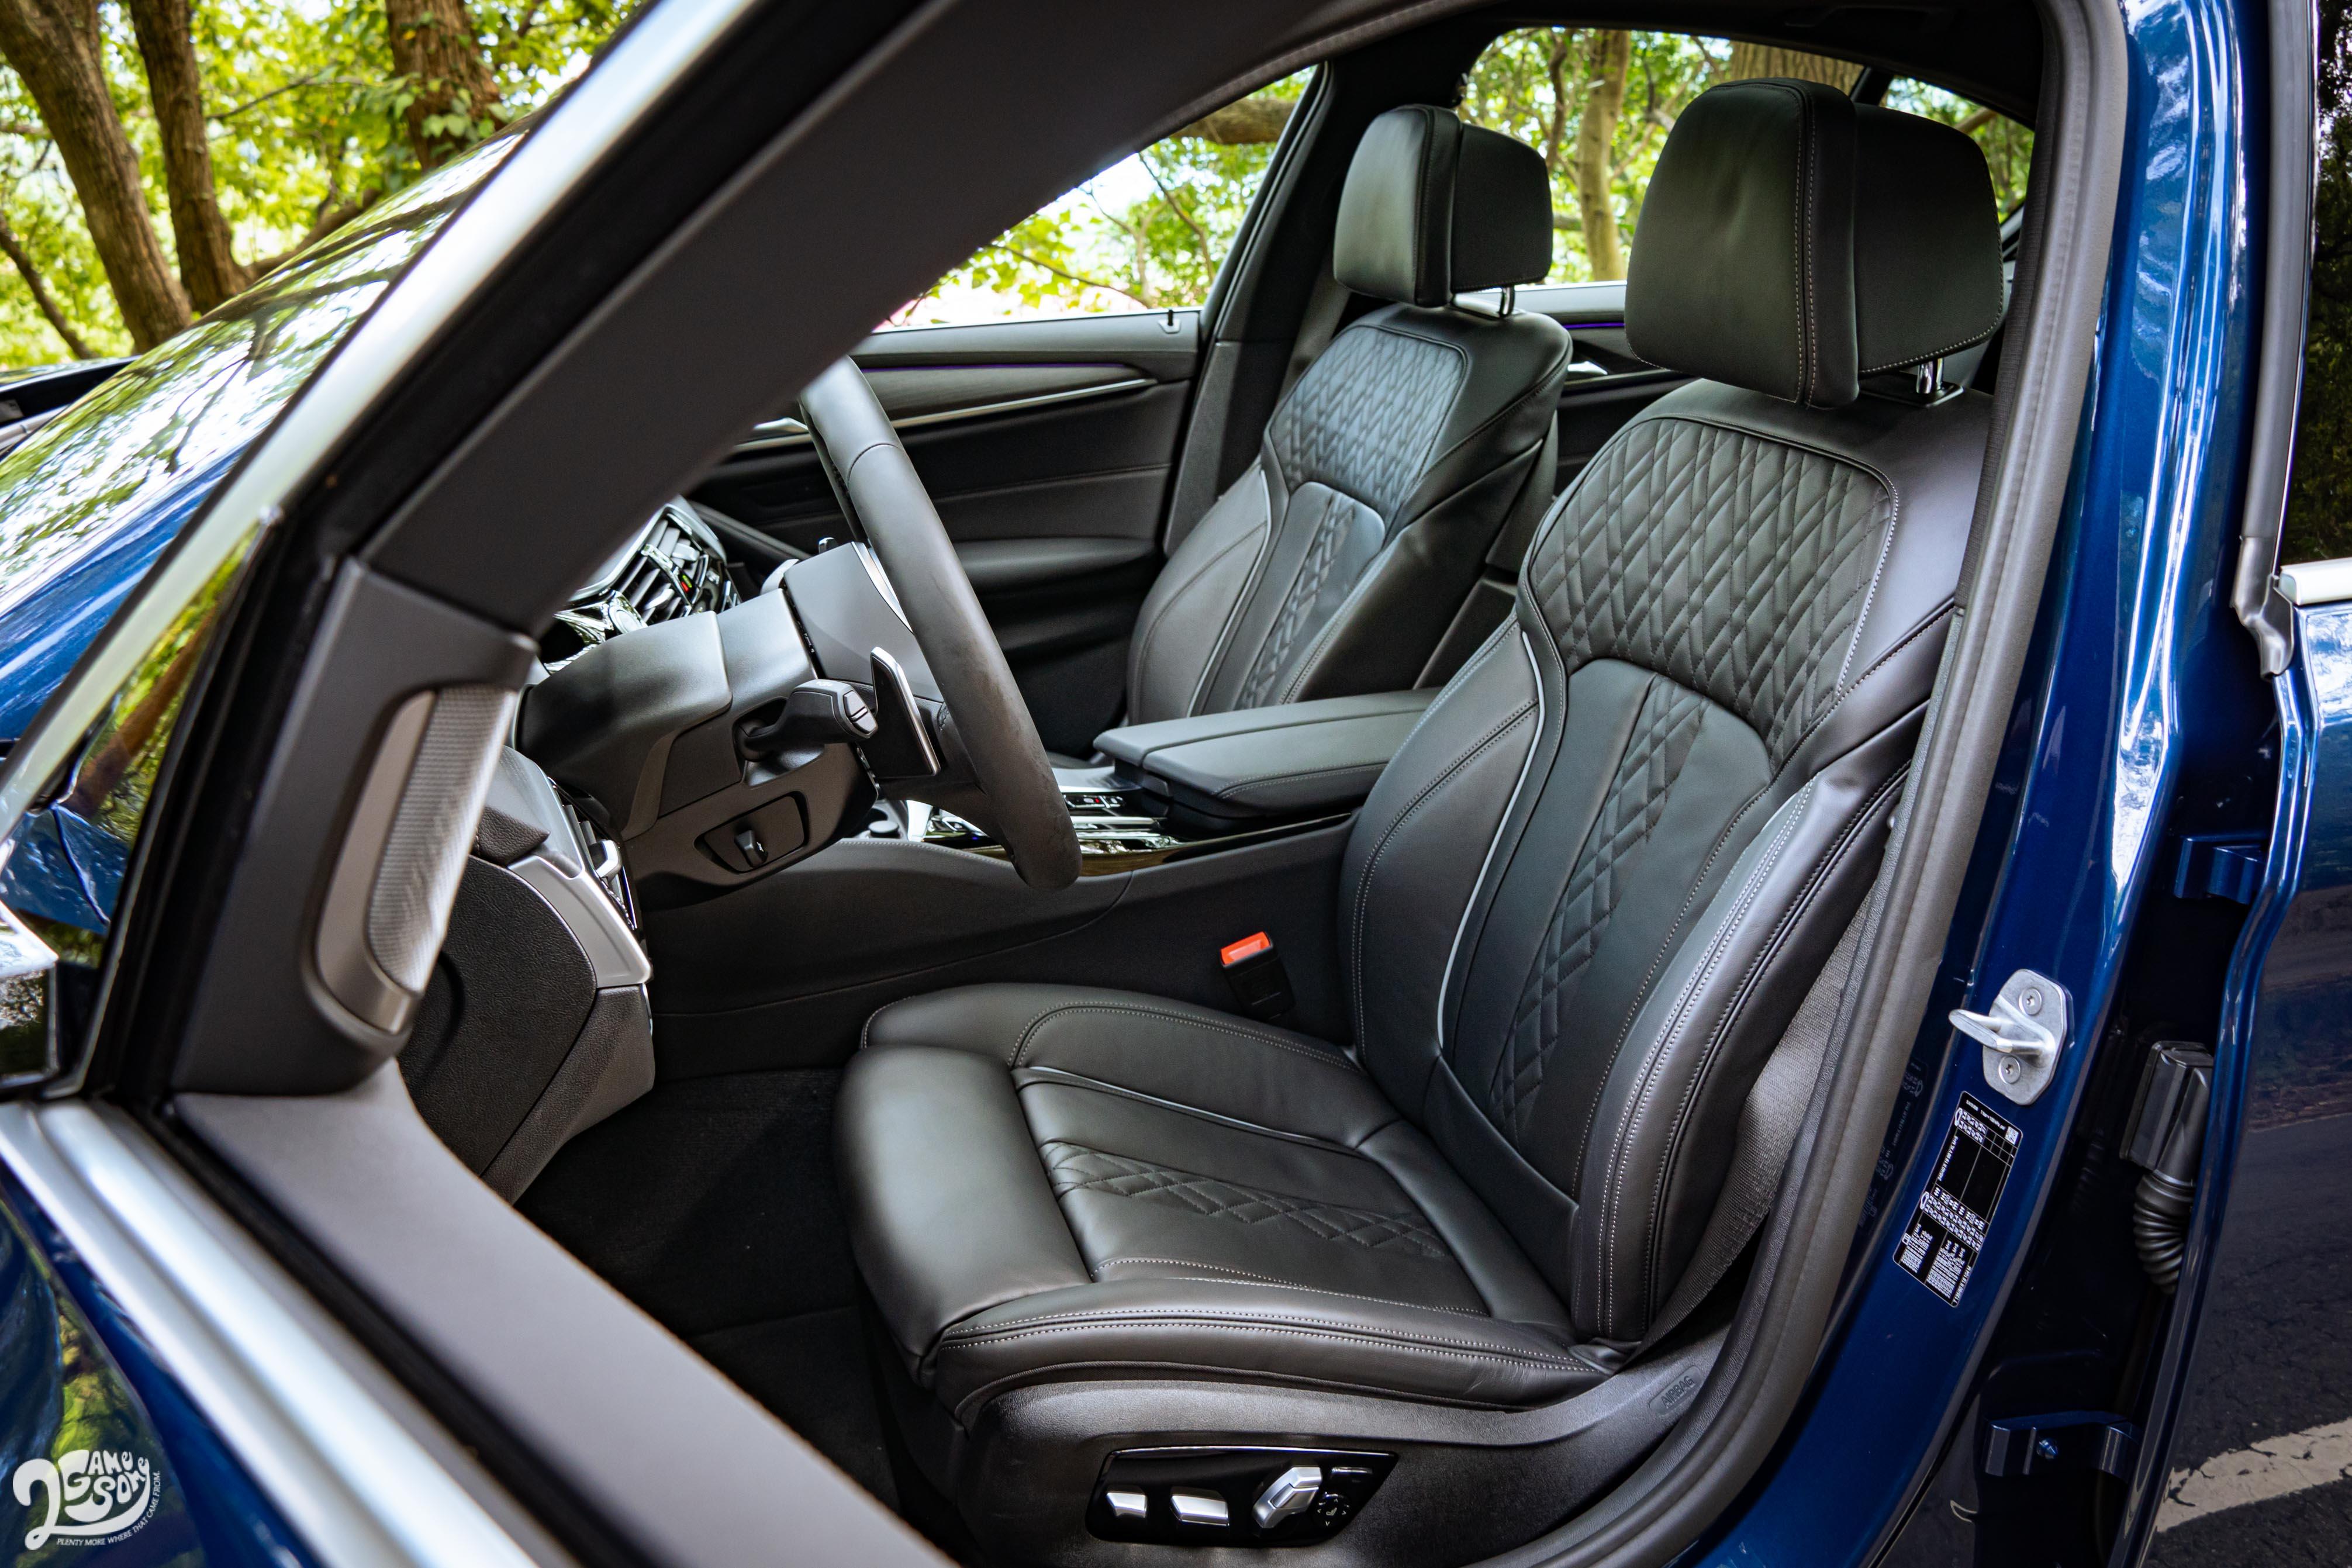 試駕車選配 Nappa 菱格紋真皮,不過標配的 Dakota 真皮已經非常舒服。